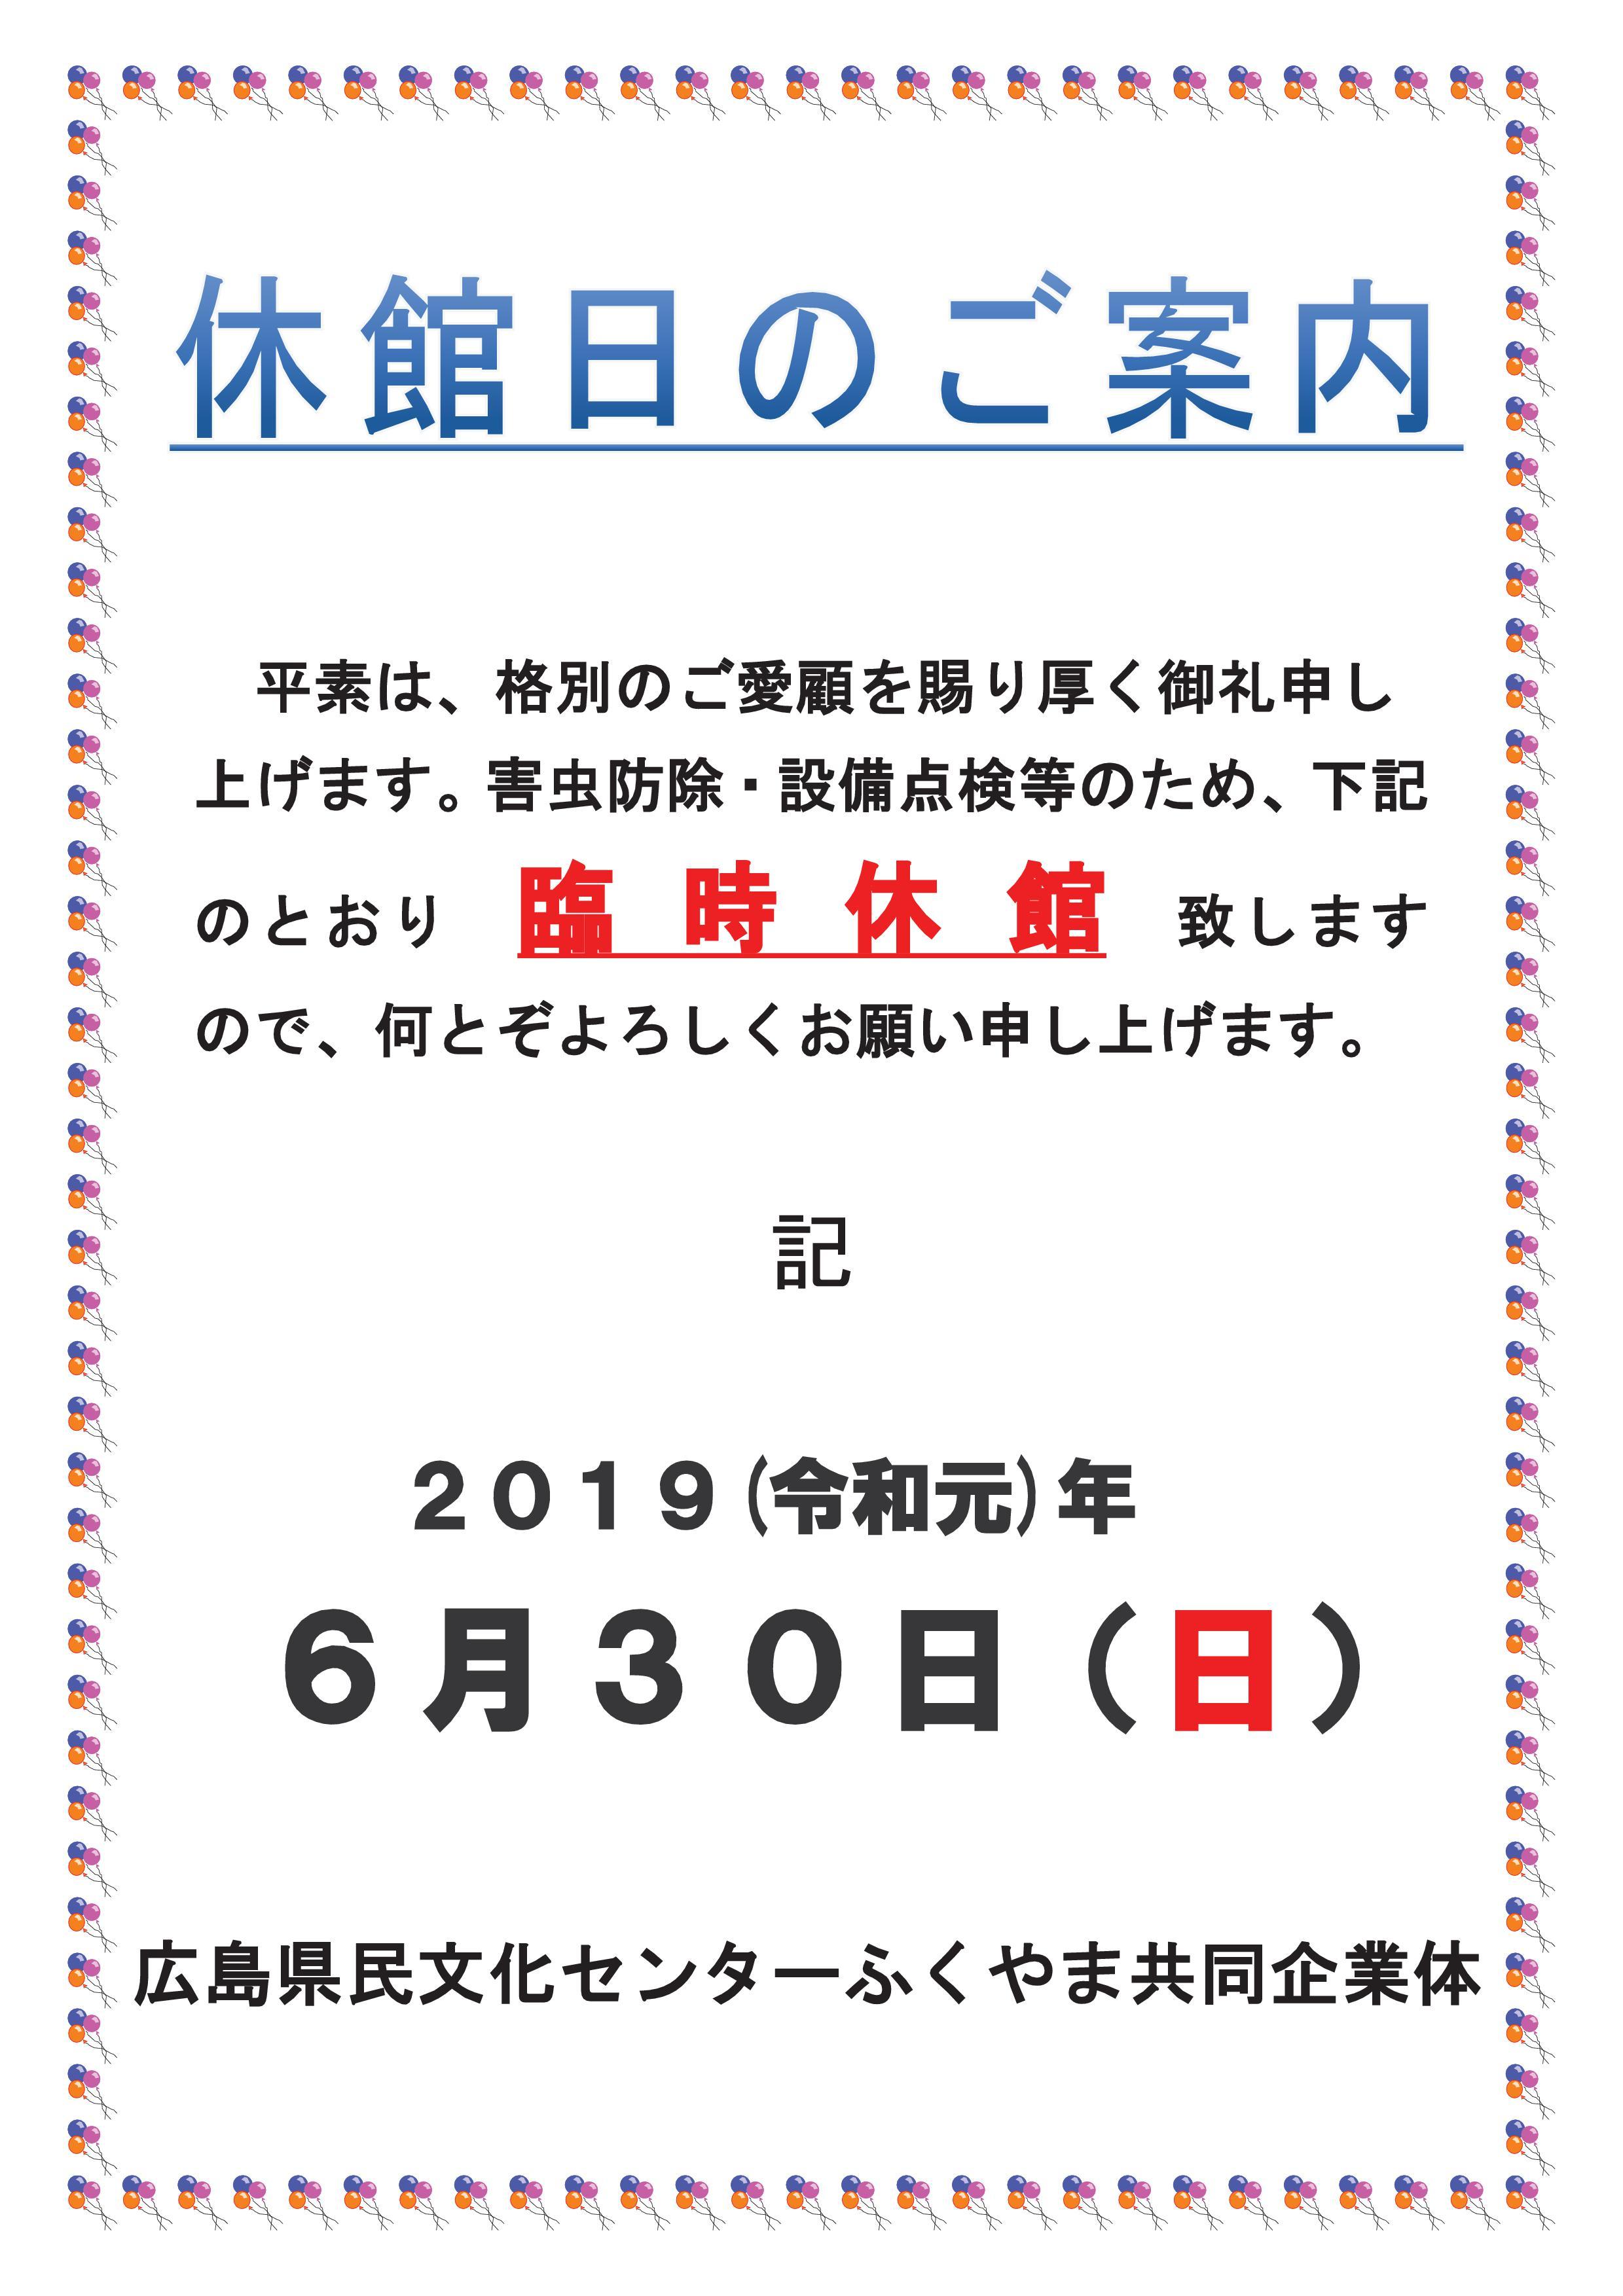 2019.6 臨時休館日のお知らせ